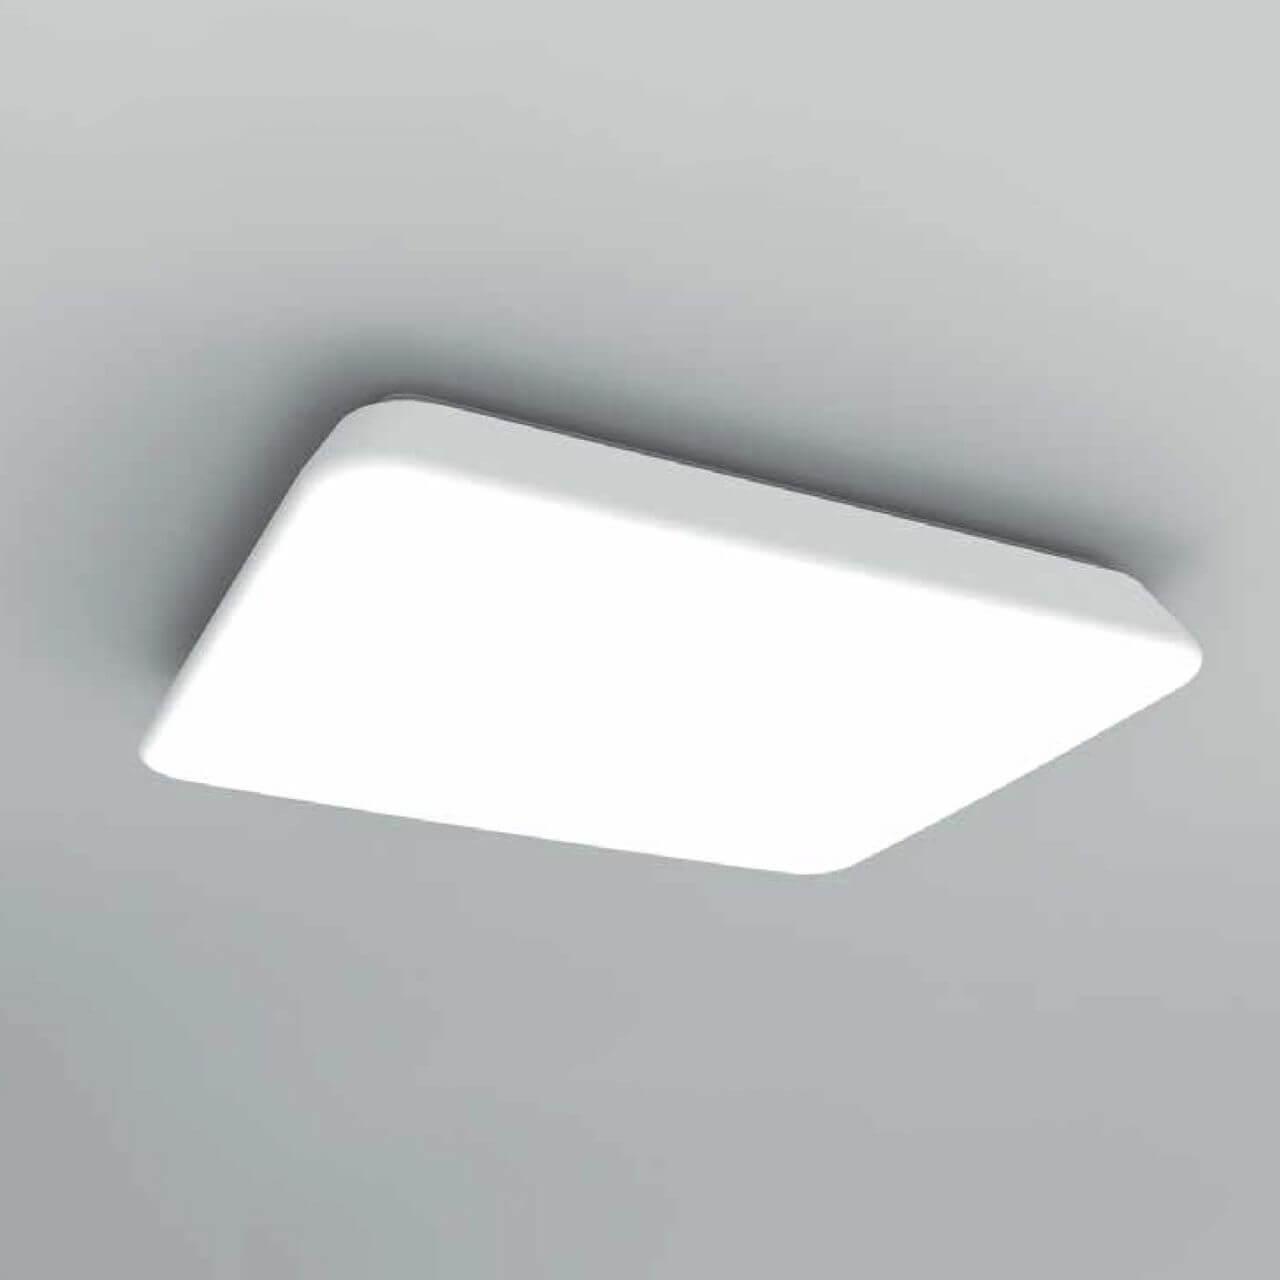 Потолочный светильник Mantra 4870, LED, 60 Вт mantra потолочный светильник mantra mistral 3806